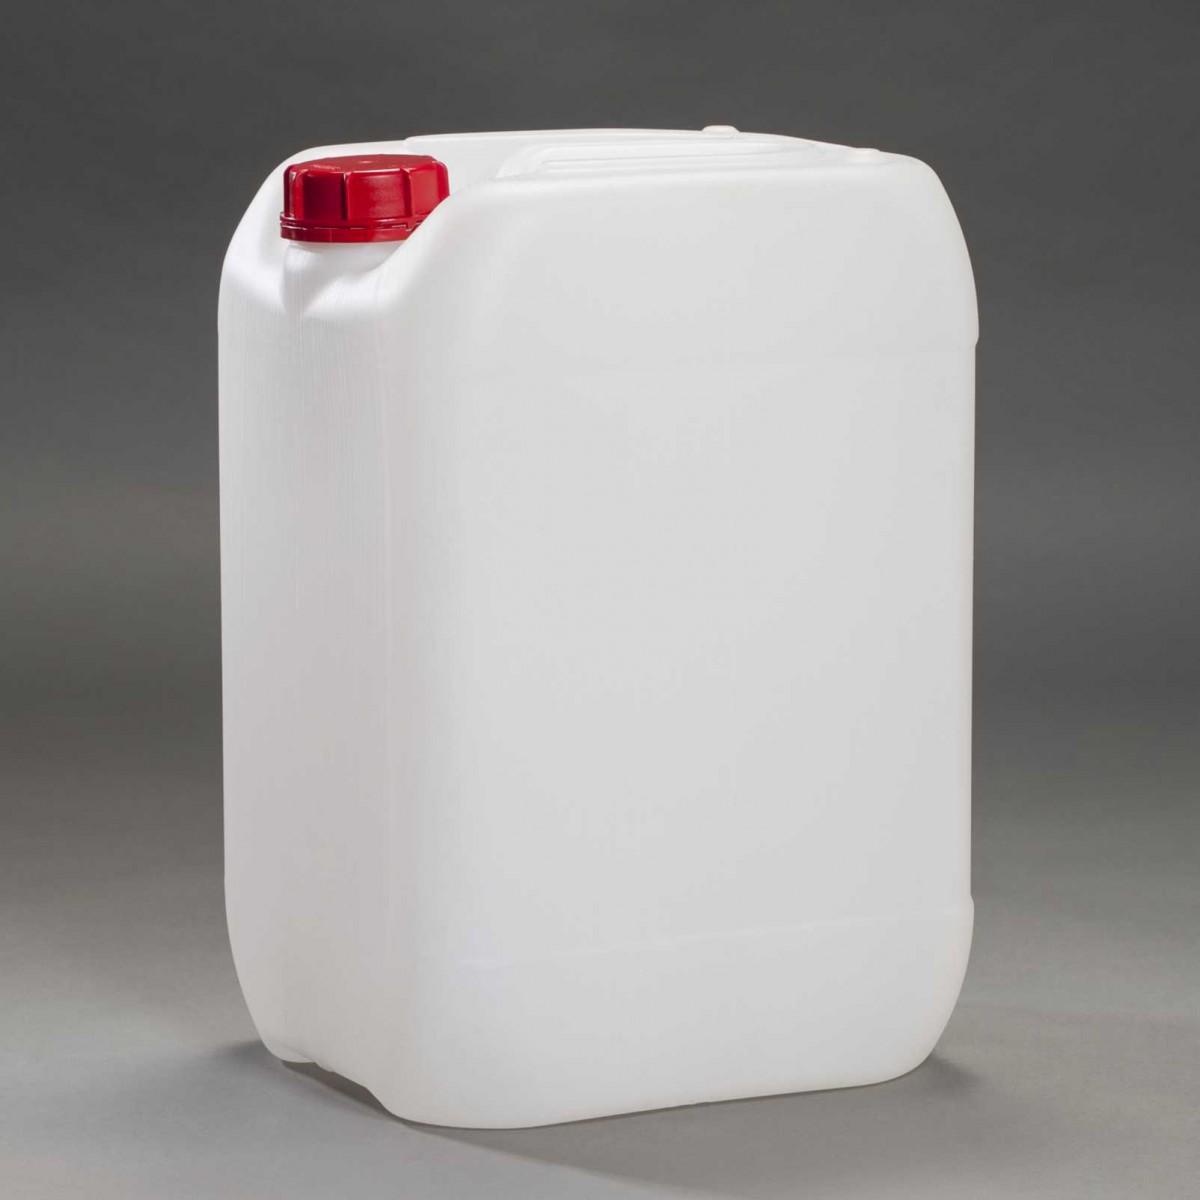 Абсолютированный изопропиловый спирт АИПС (ГОСТ 9805-84 с изм.№1) 20 литров